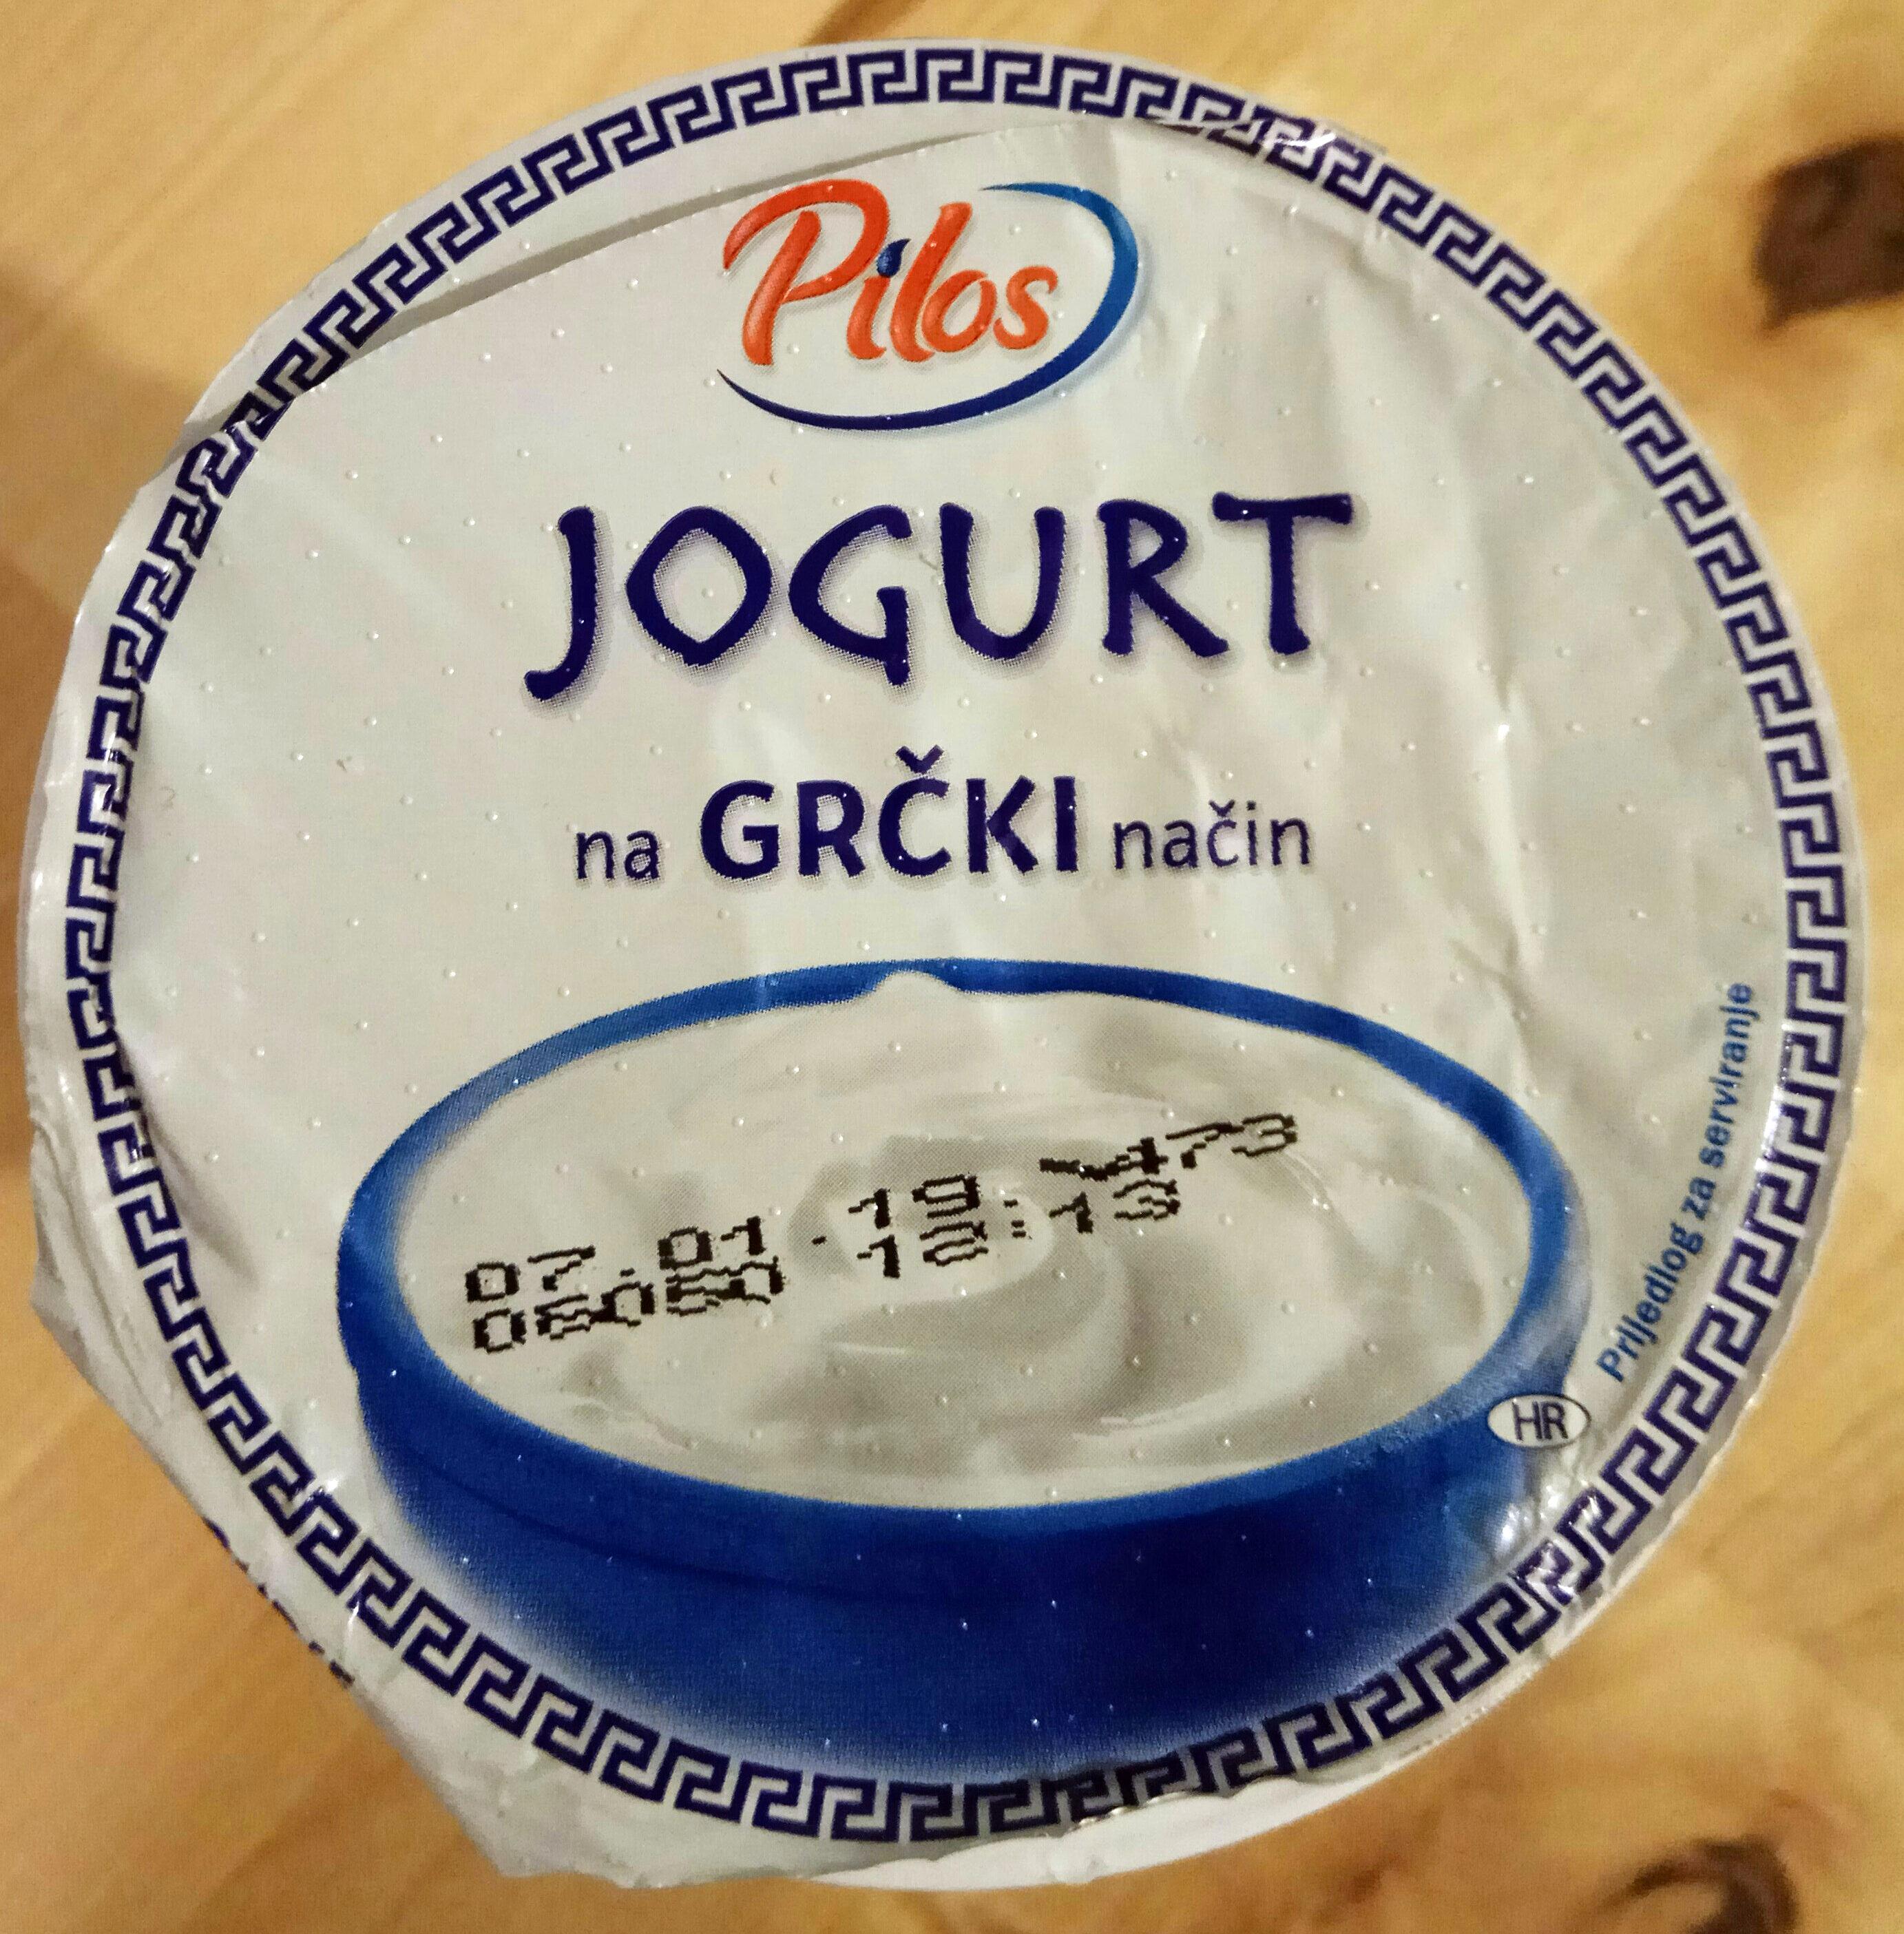 Jogurt na grčki način - Produktas - hr